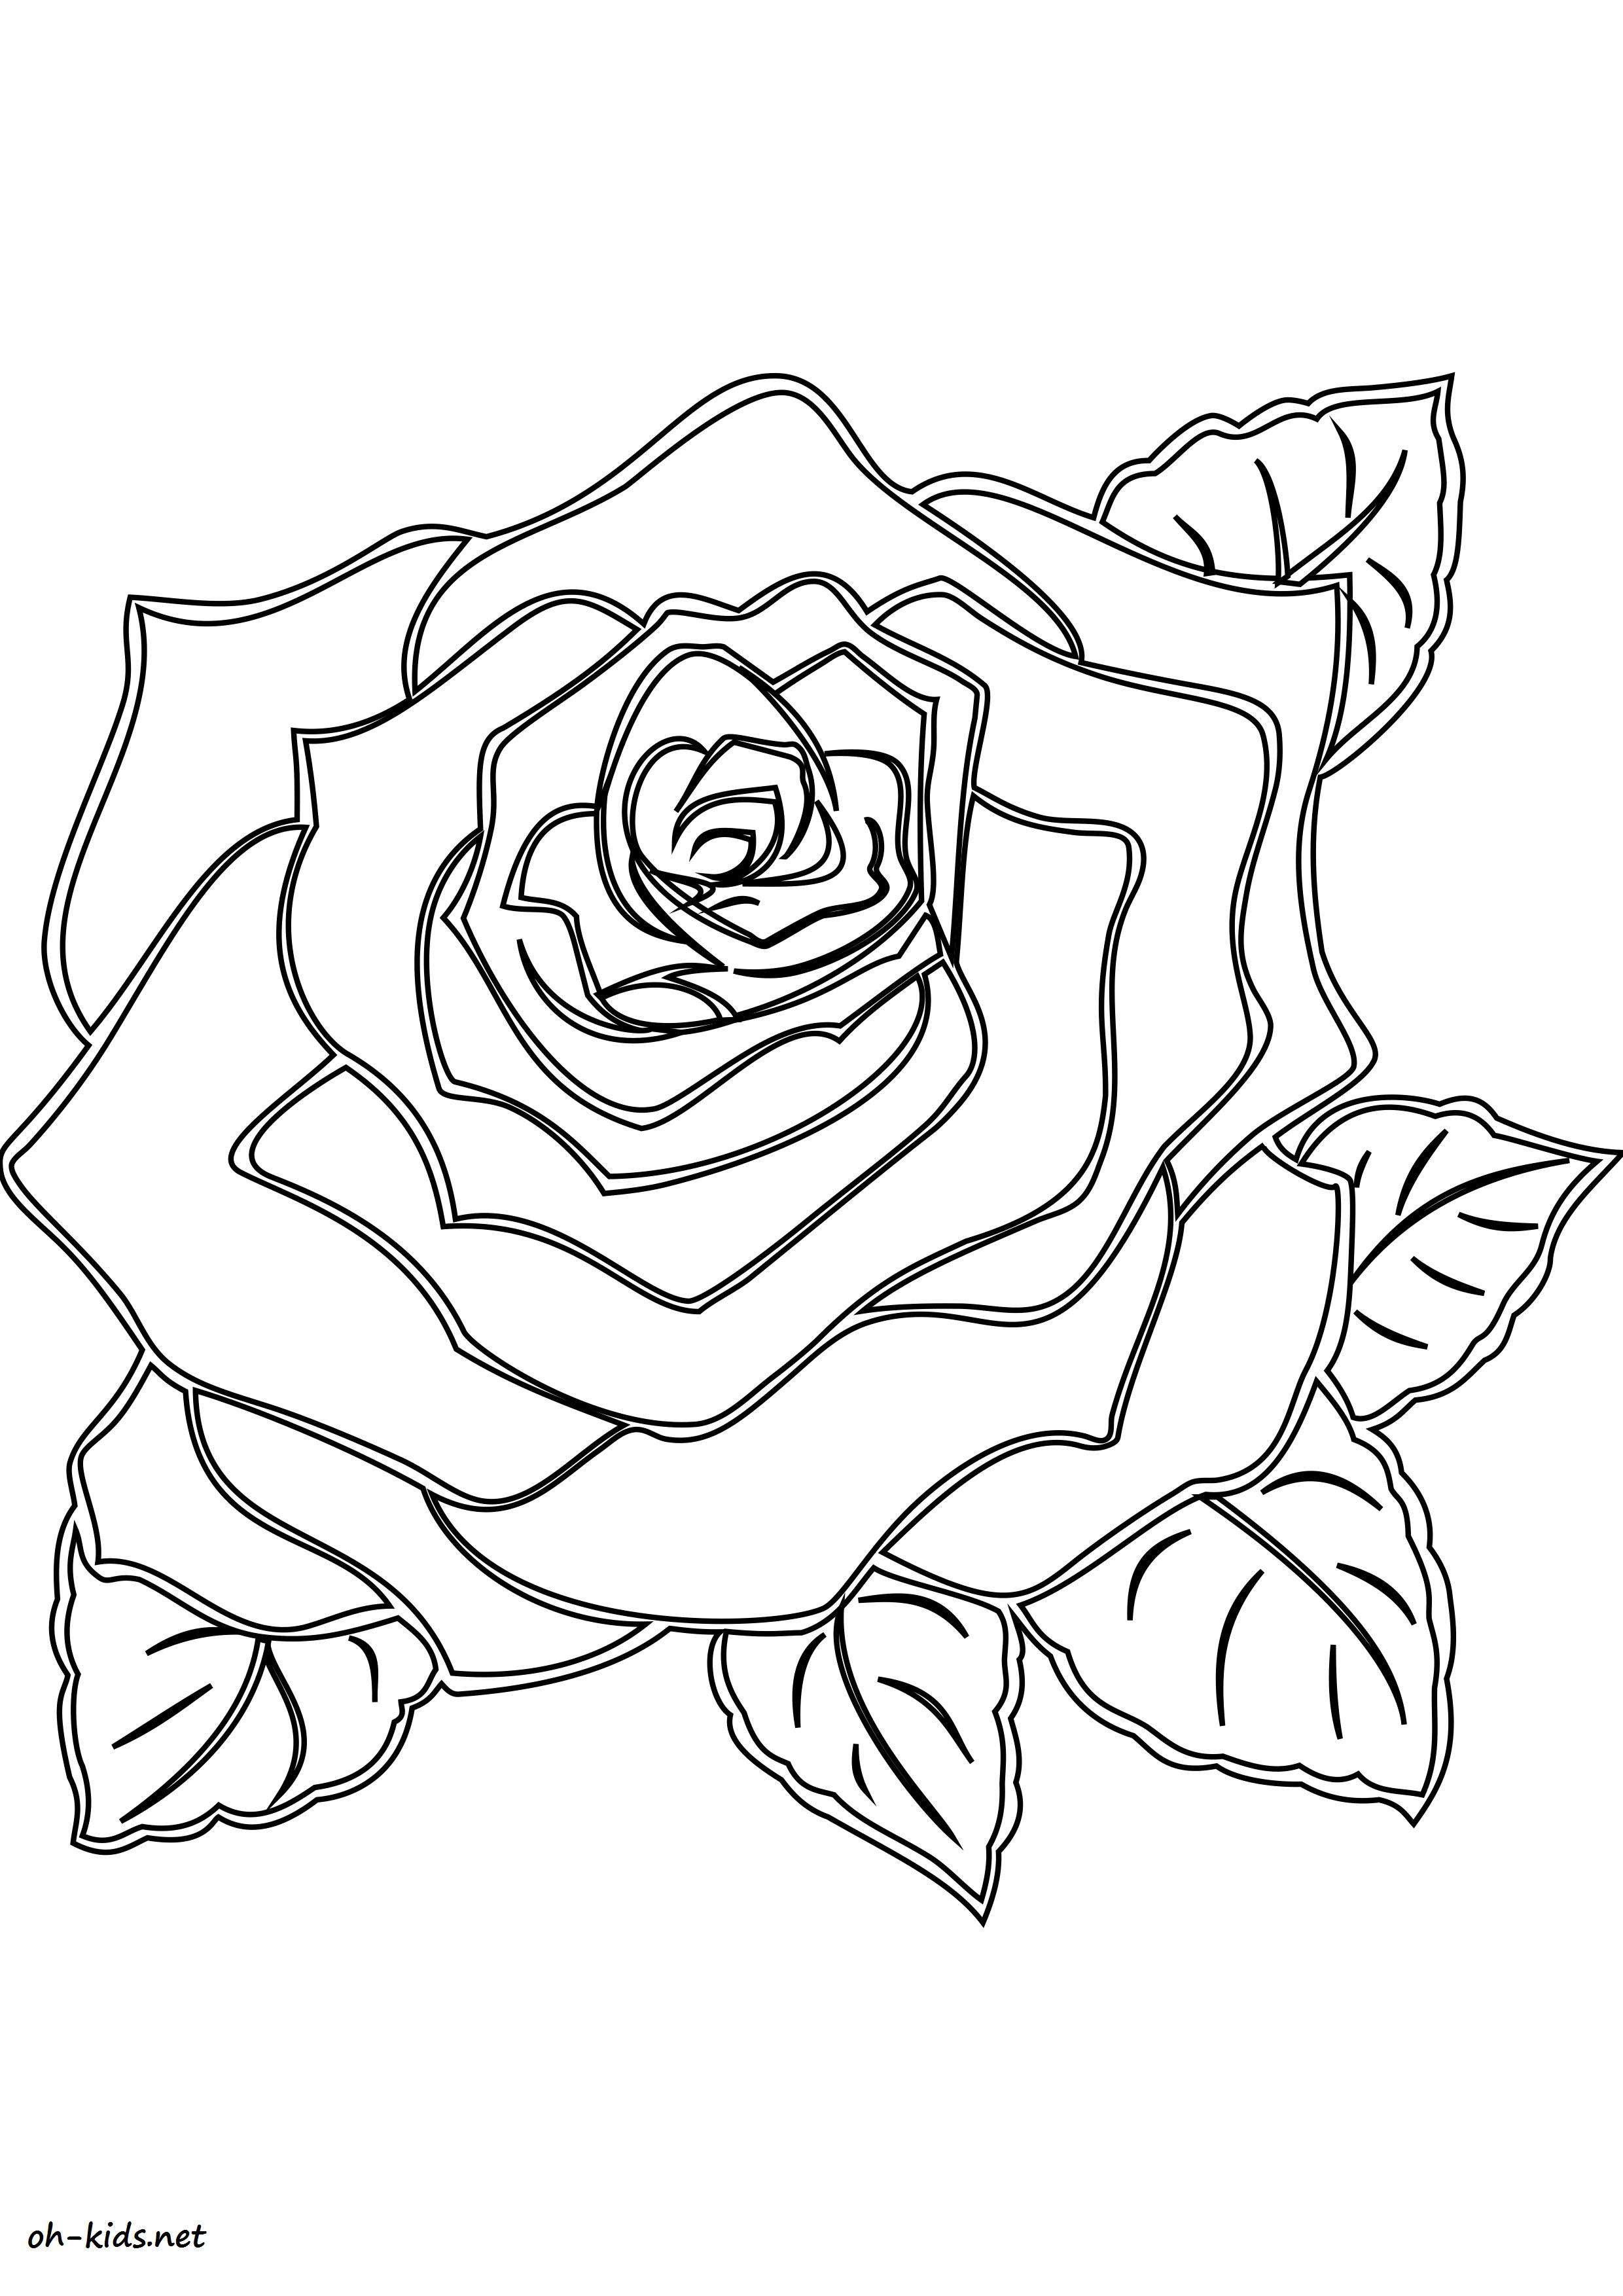 Unique coloriage a imprimer de rose haut coloriage hd images et imprimable gratuit - Rose coloriage ...